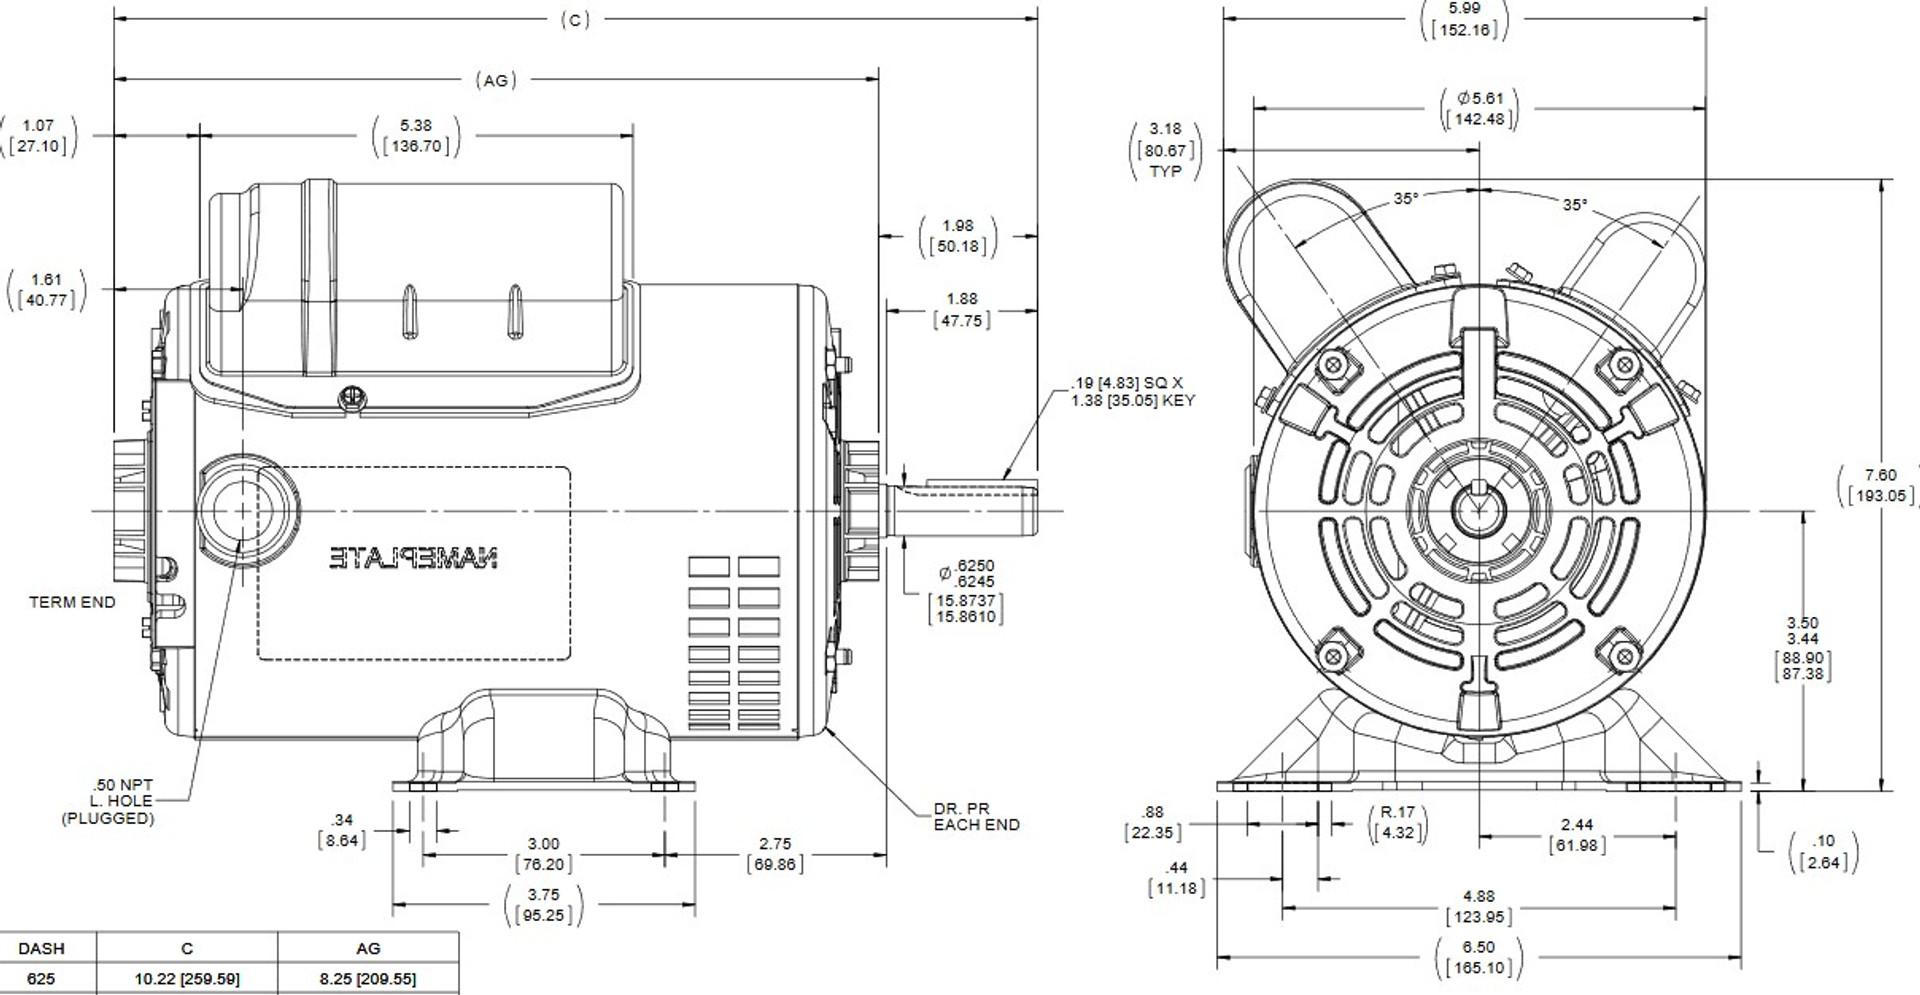 C167A Marathon 1/2 hp 1800 RPM 56 Frame 115/230V Open Drip